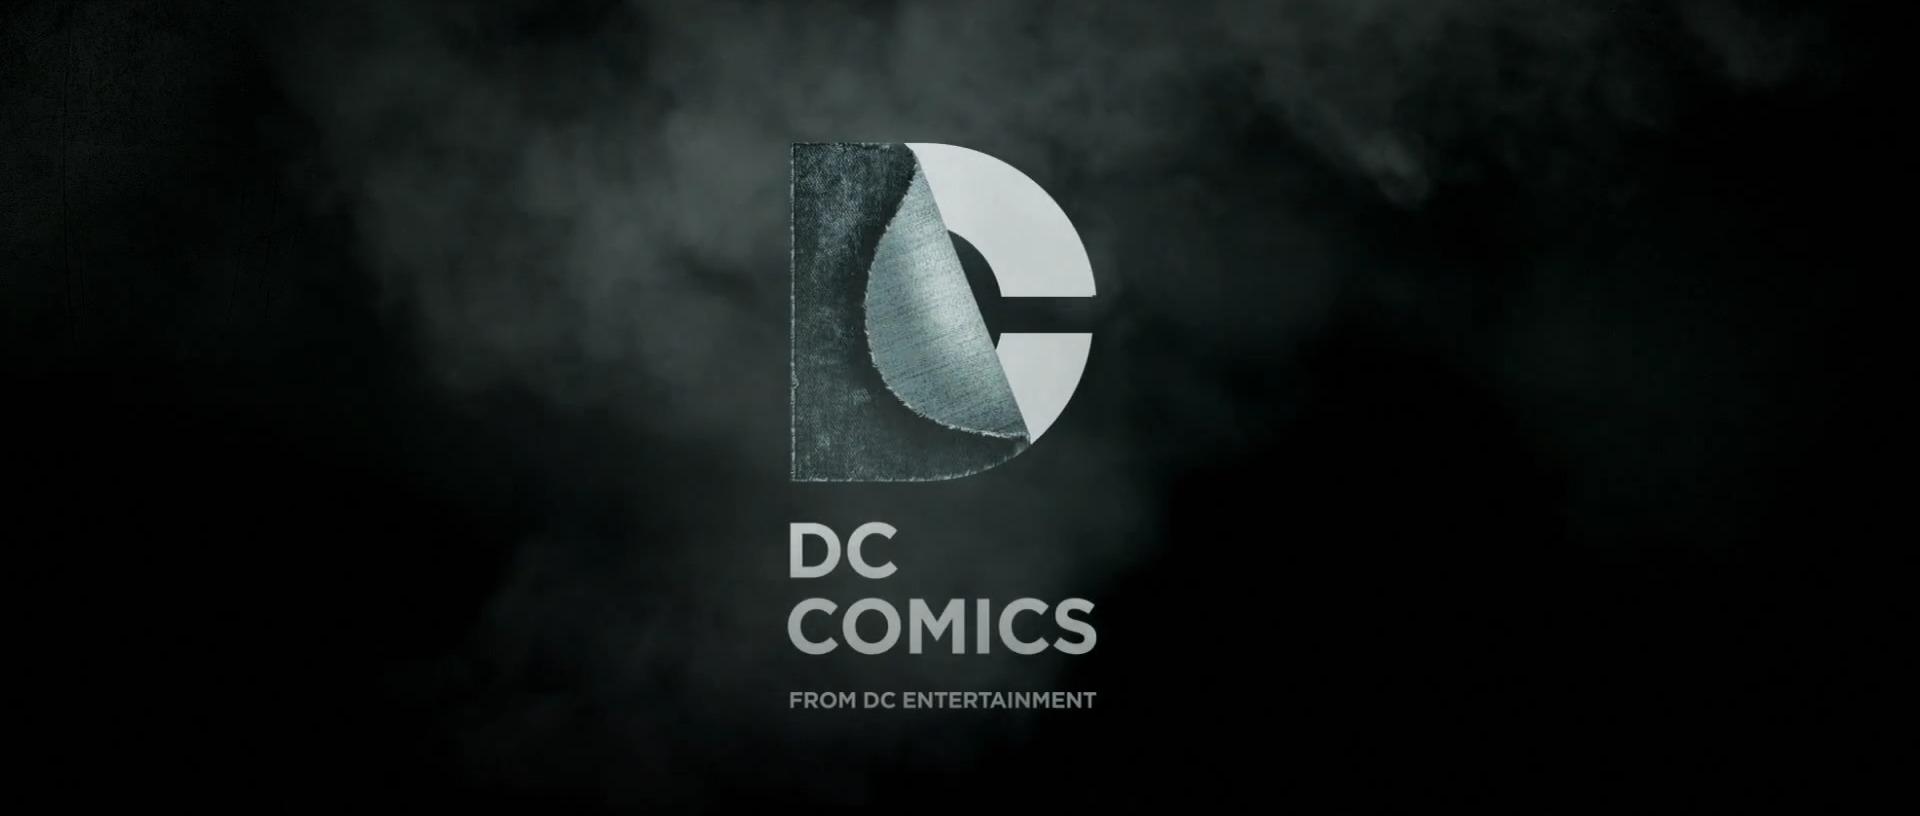 dc cinema logo ile ilgili görsel sonucu